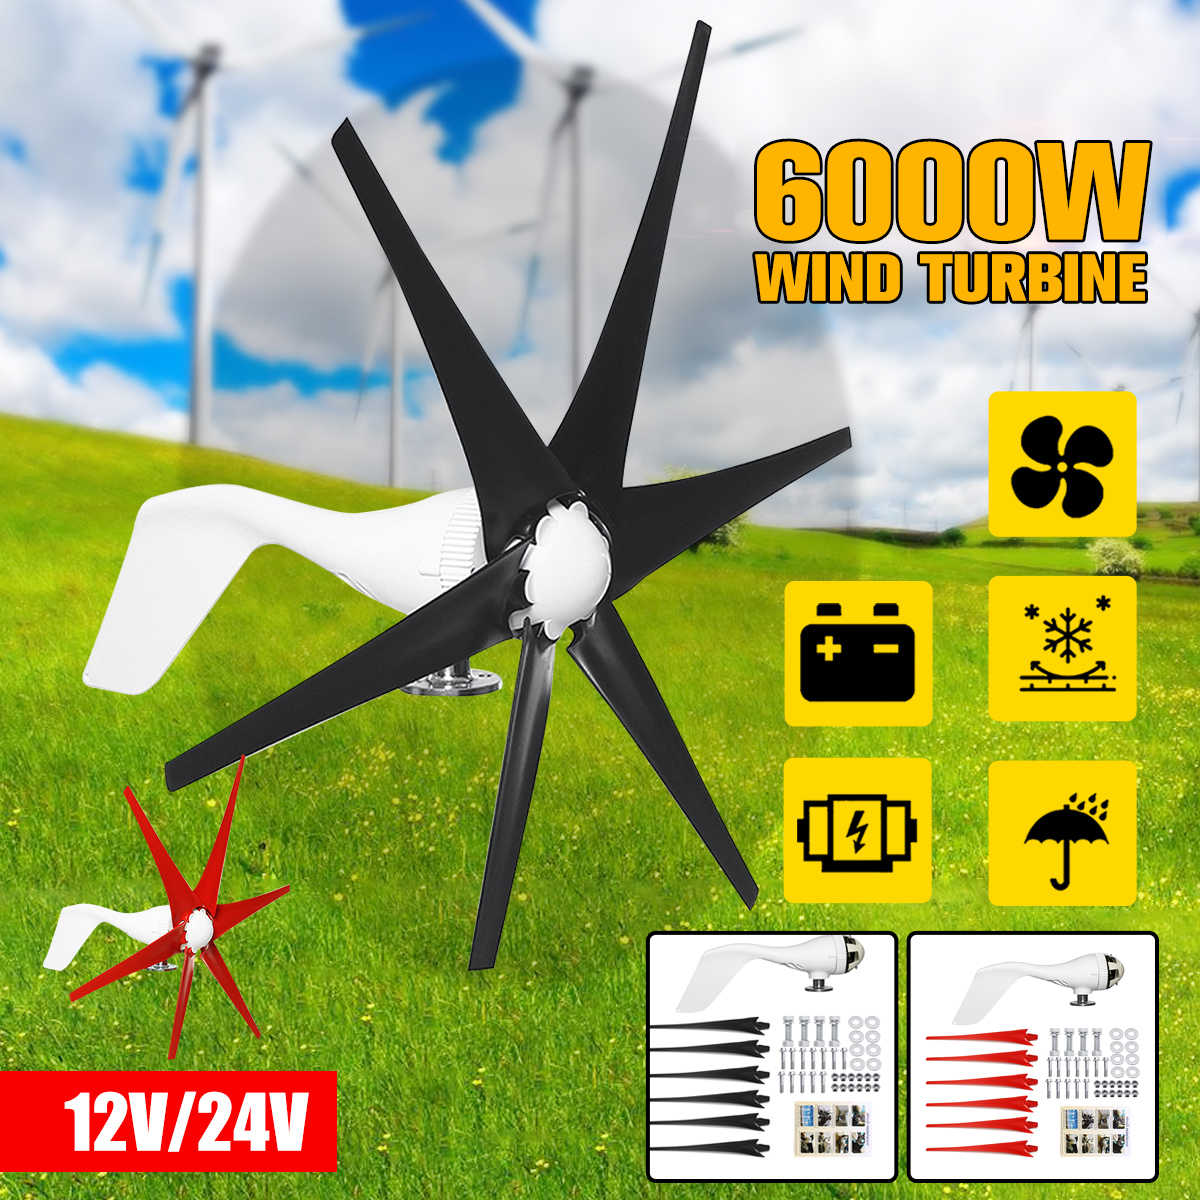 Éolienne horizontale à lame 6000W 12V/24V 6 lames | Éoliennes, moulin à vent domestique